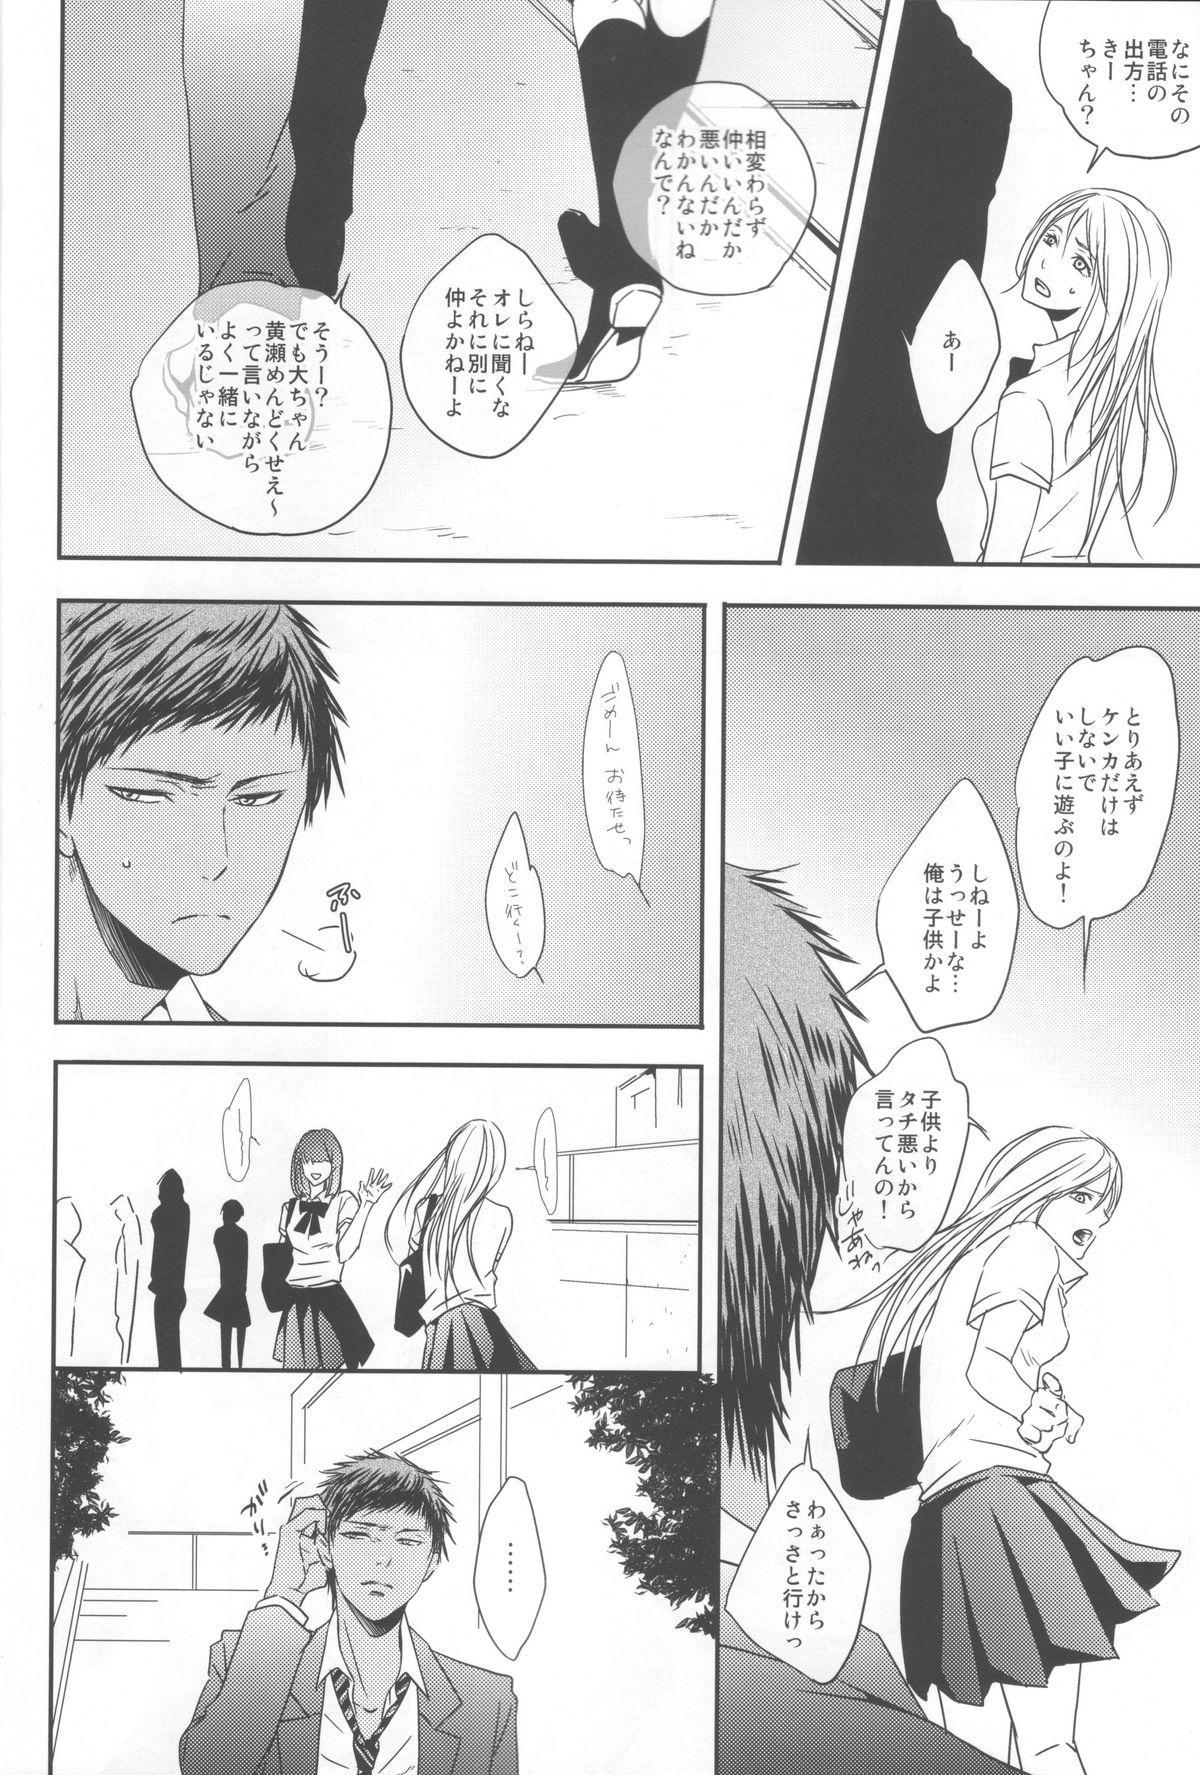 Nakayoshissu! 4